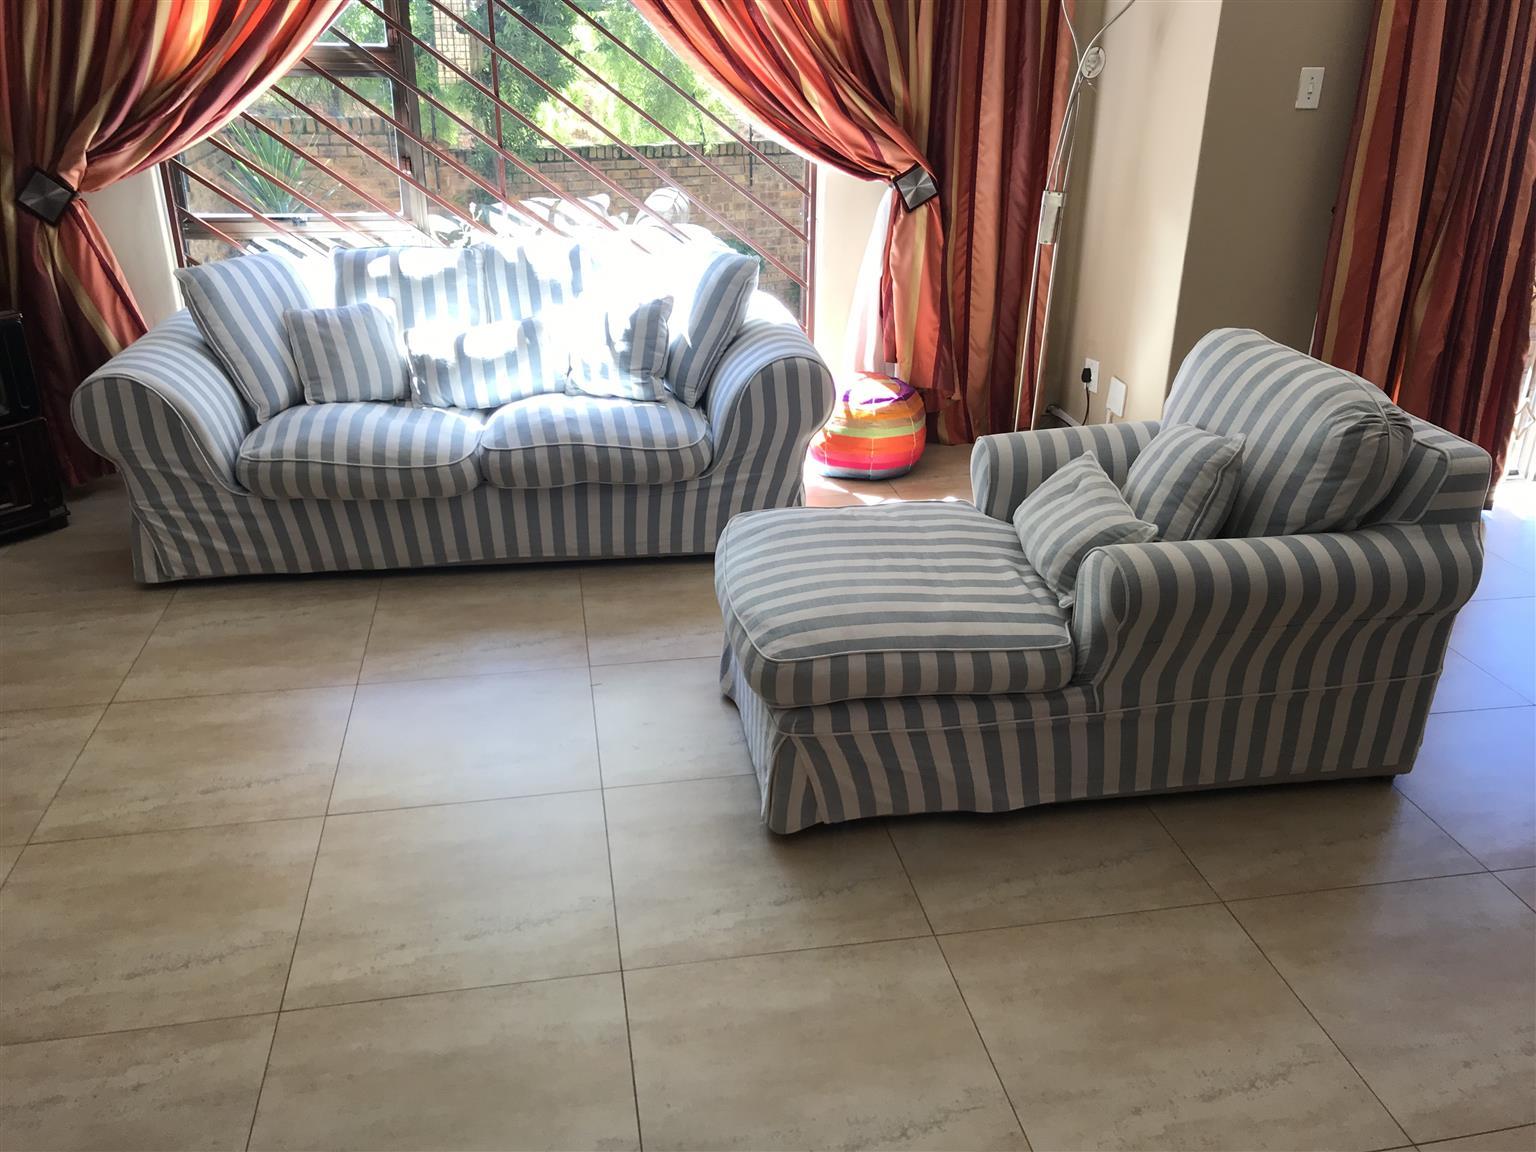 2 Piece Coricraft Lounge Suite For Sale Junk Mail